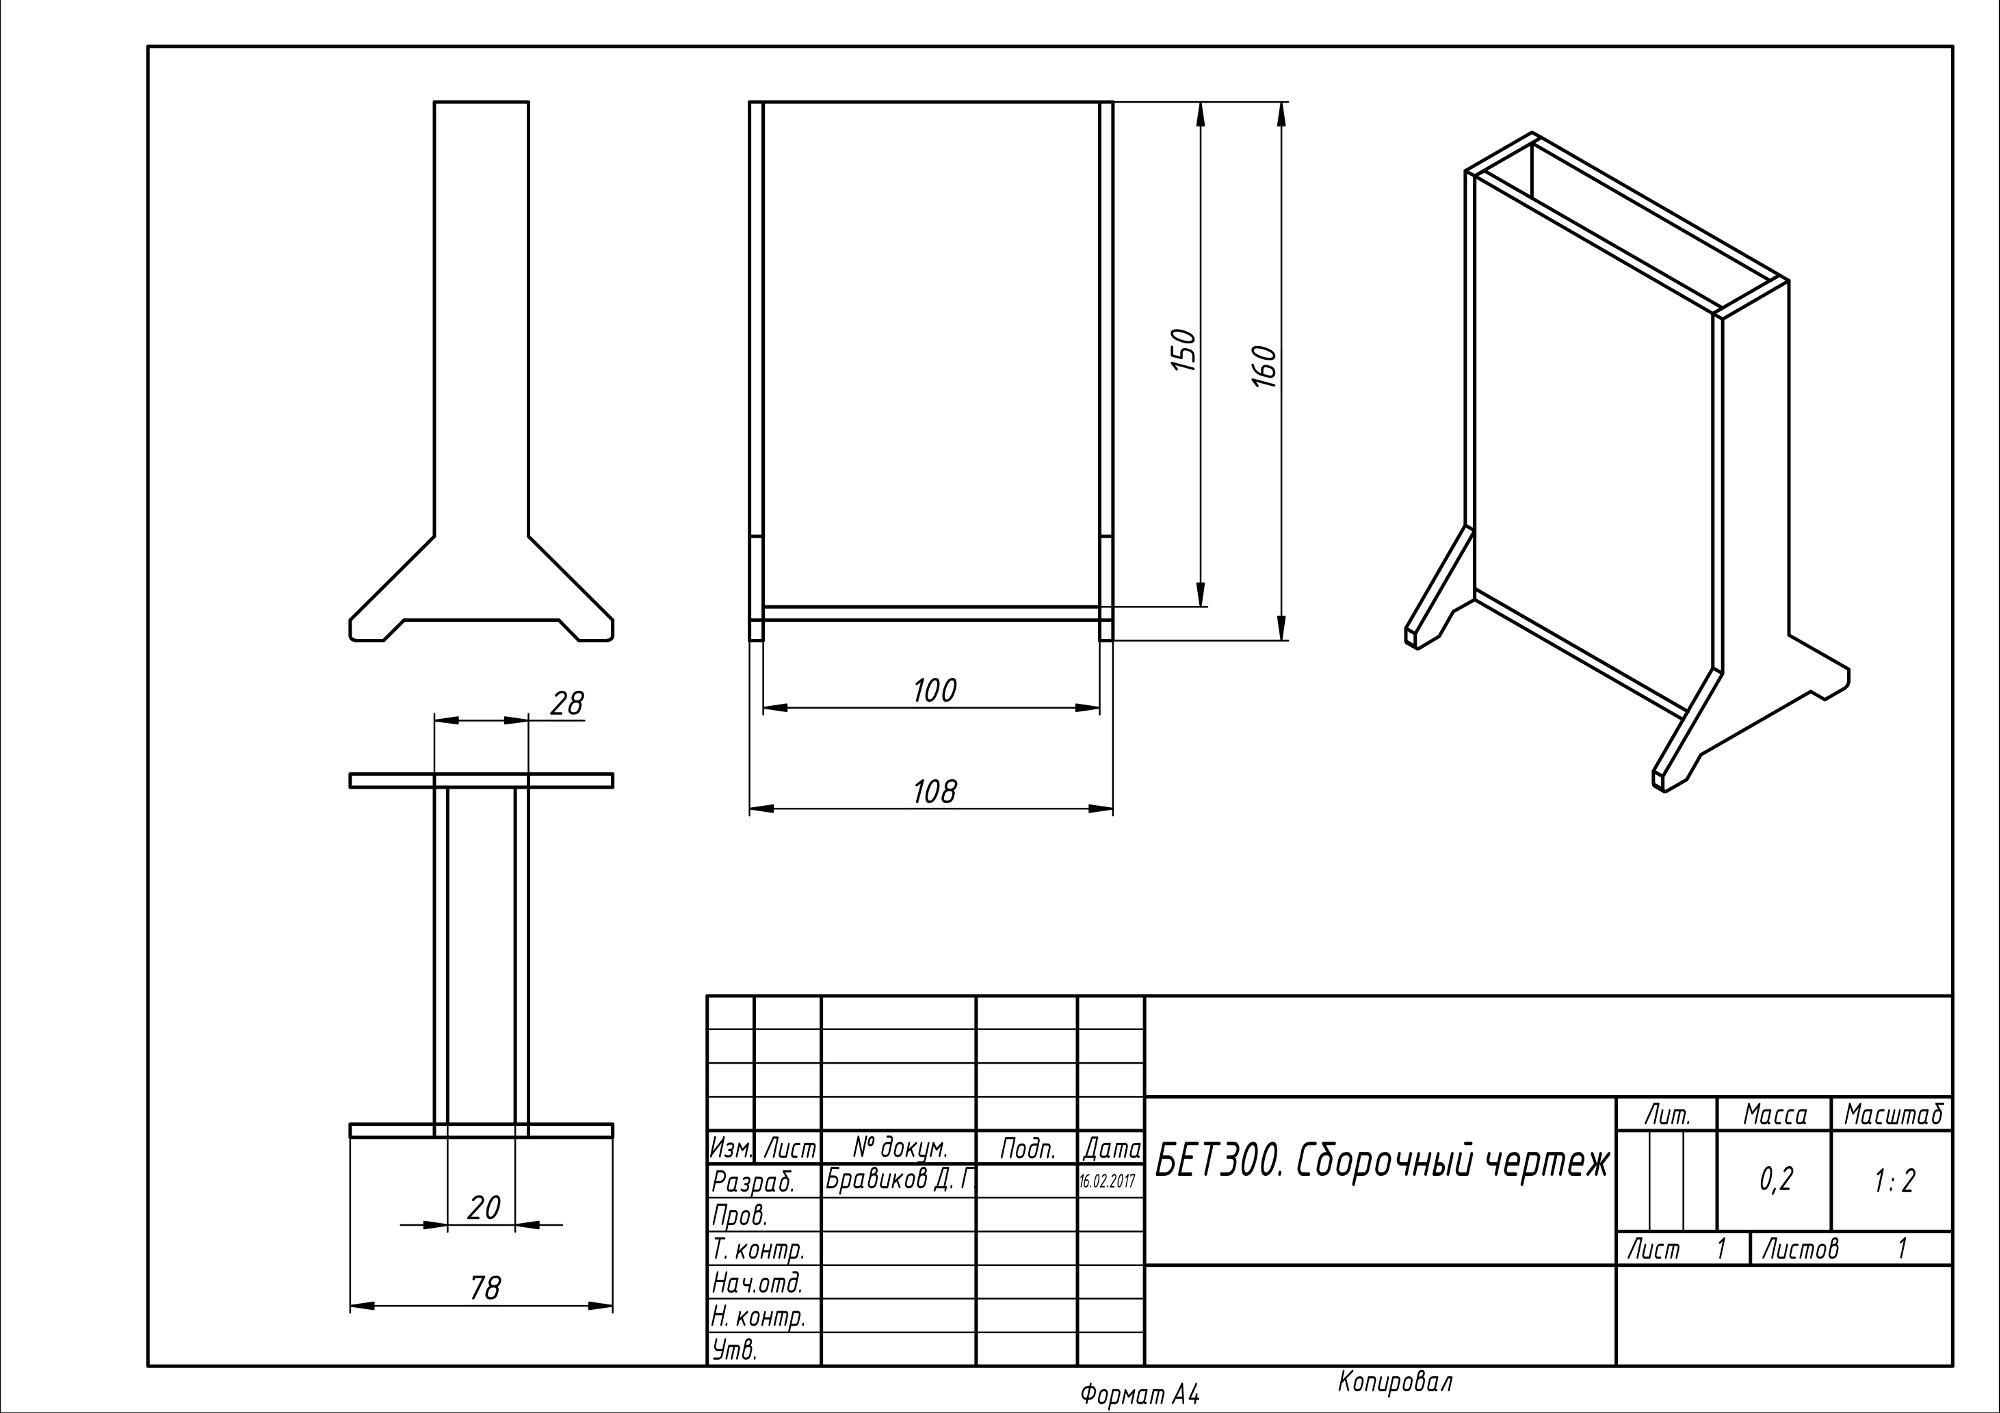 Емкость для травления печатных плат PCB Etching Tank